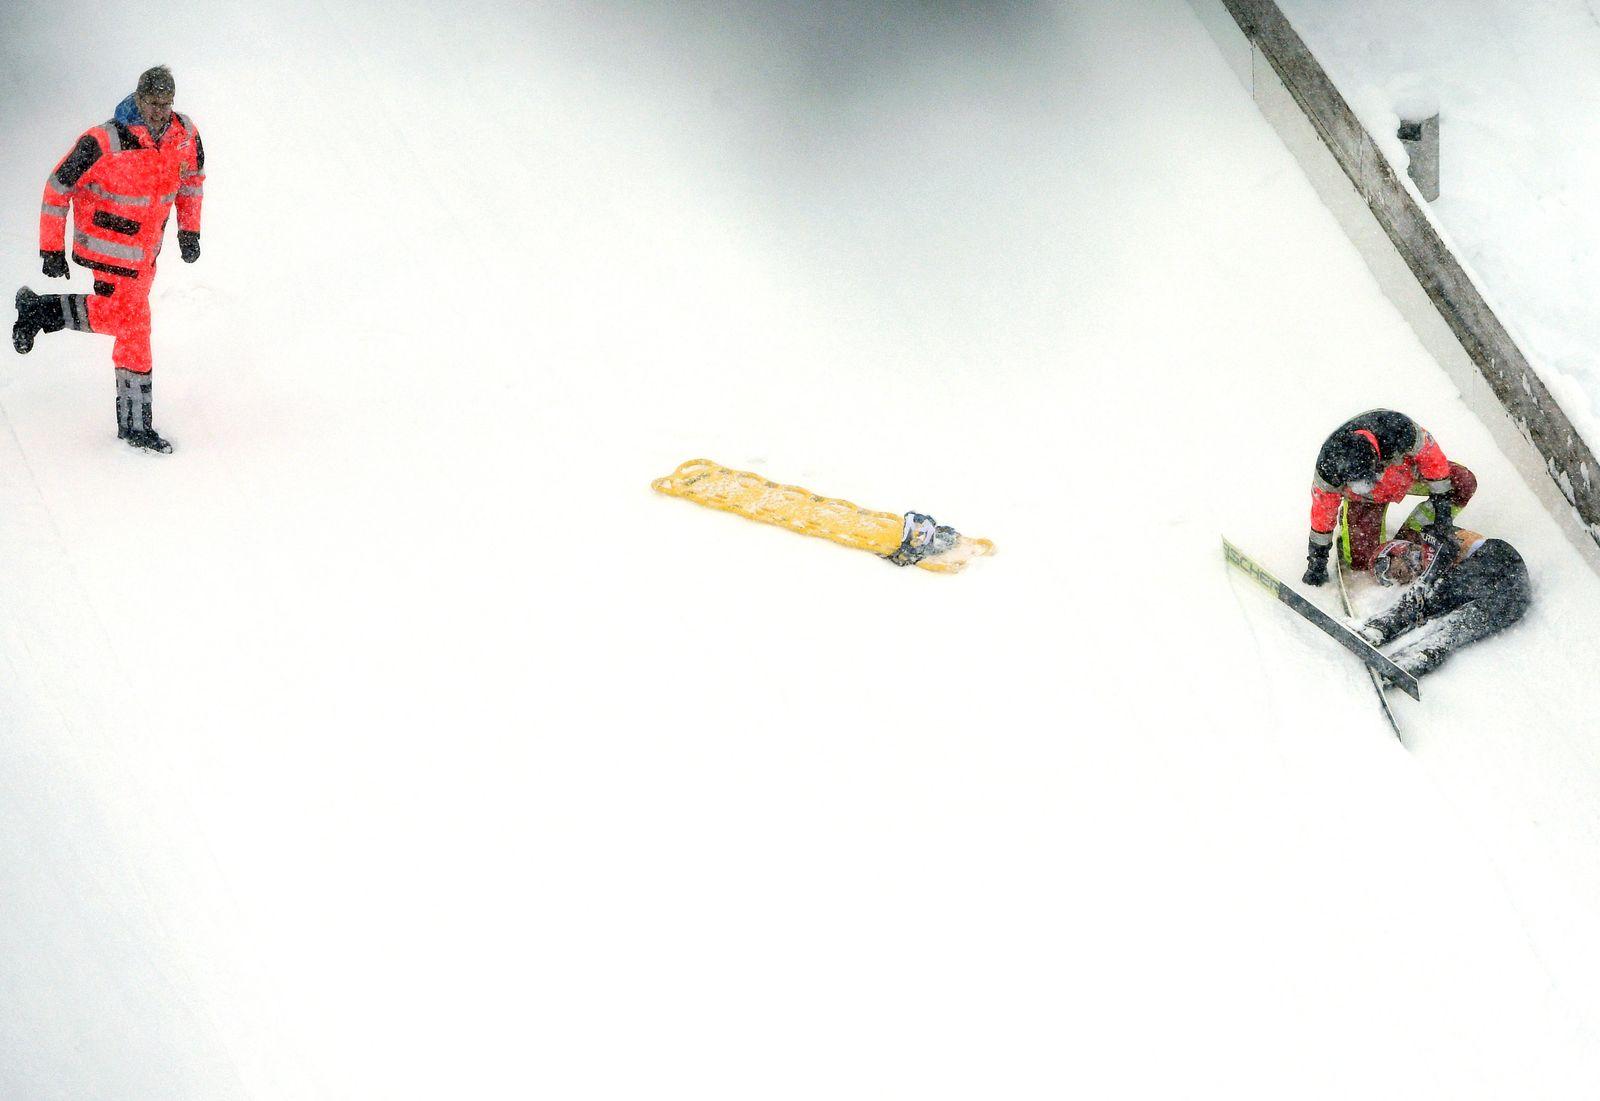 Weltcup Frauen Skispringen in Hinterzarten